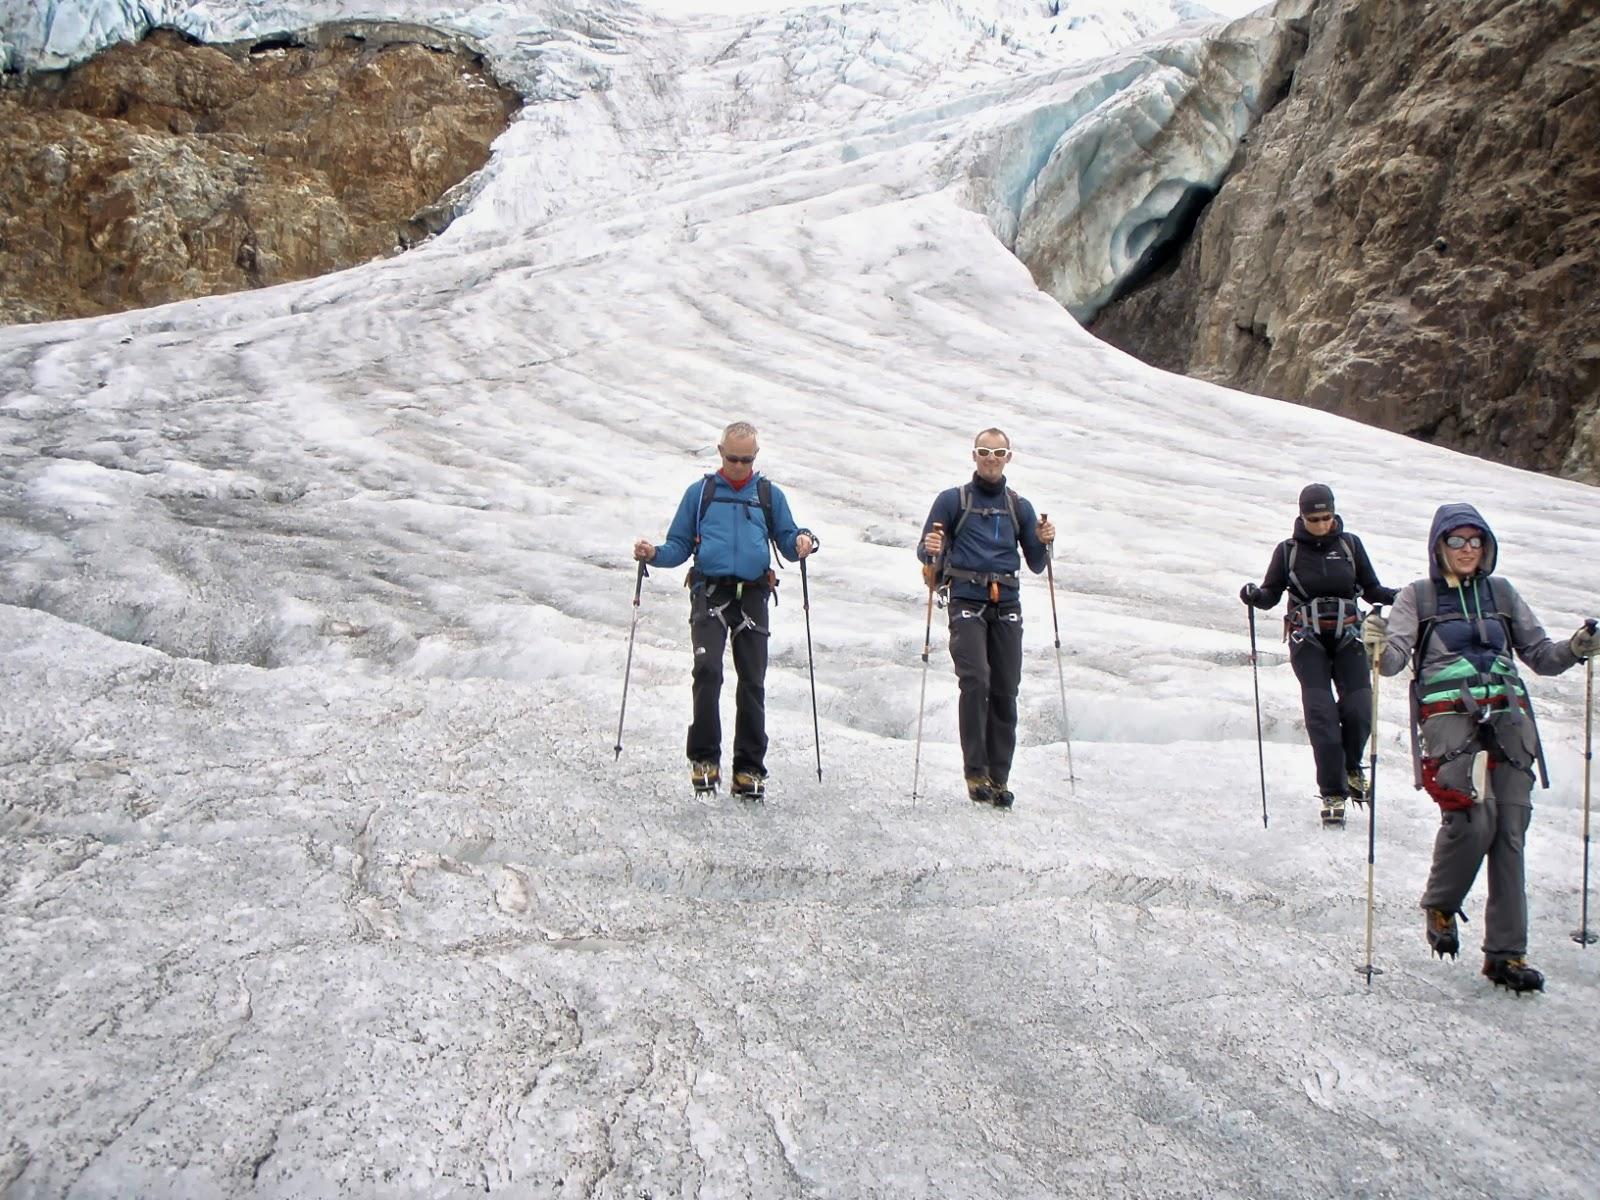 Klettersteig Tierbergli : Urs baumgartner: tierbergli; klettersteig und gletscher trekking